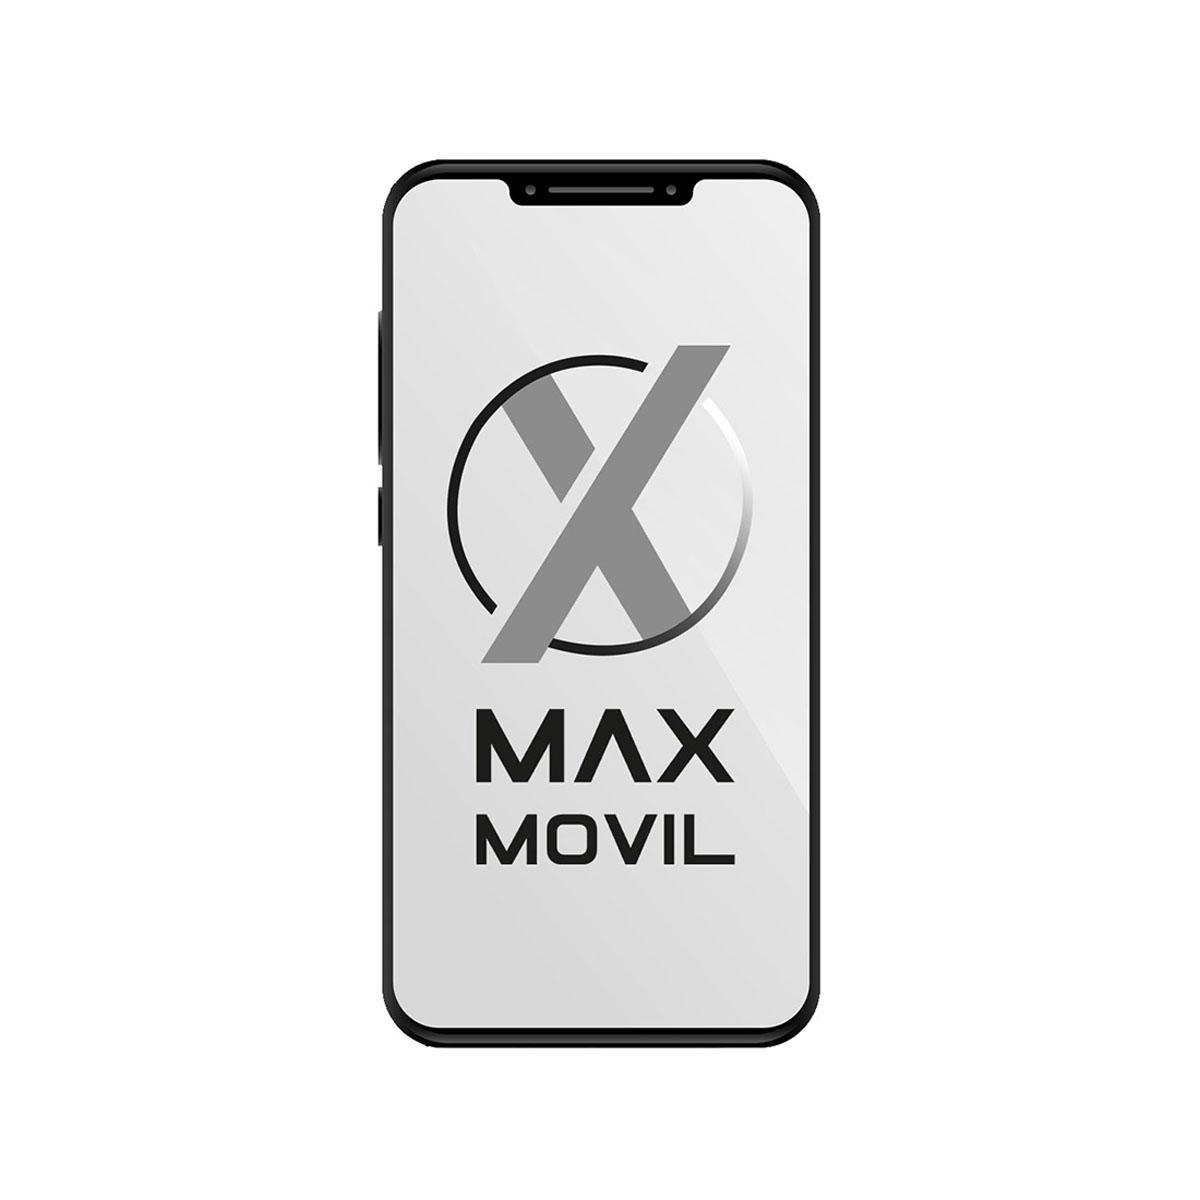 Tapa de batería original Samsung Galaxy S3 blanco